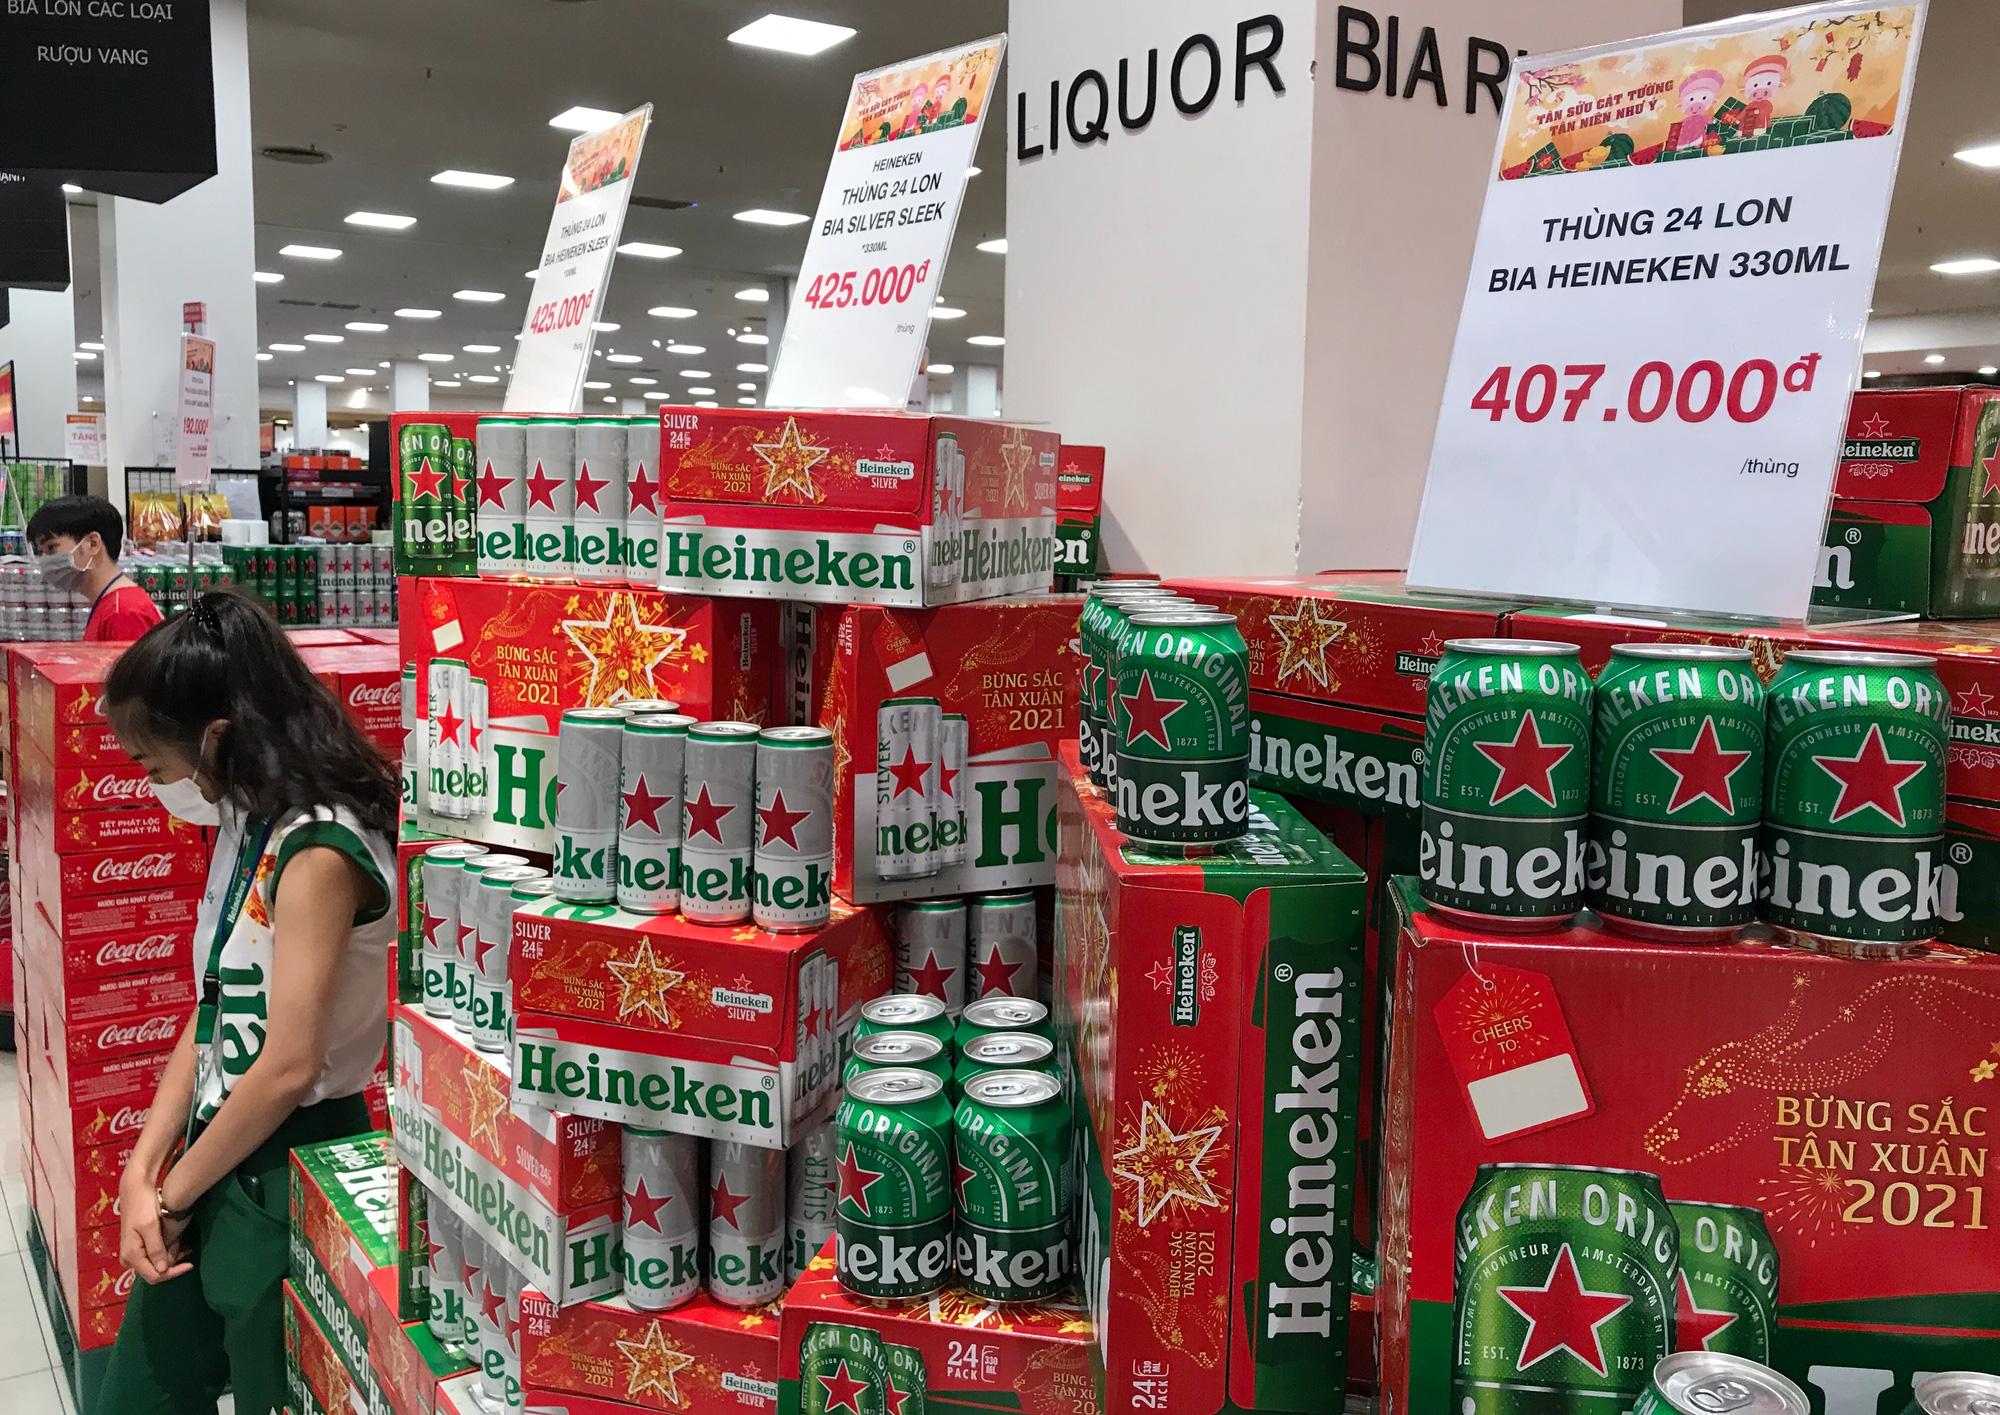 Chưa Tết, giá bia đã rục rịch tăng - Ảnh 1.